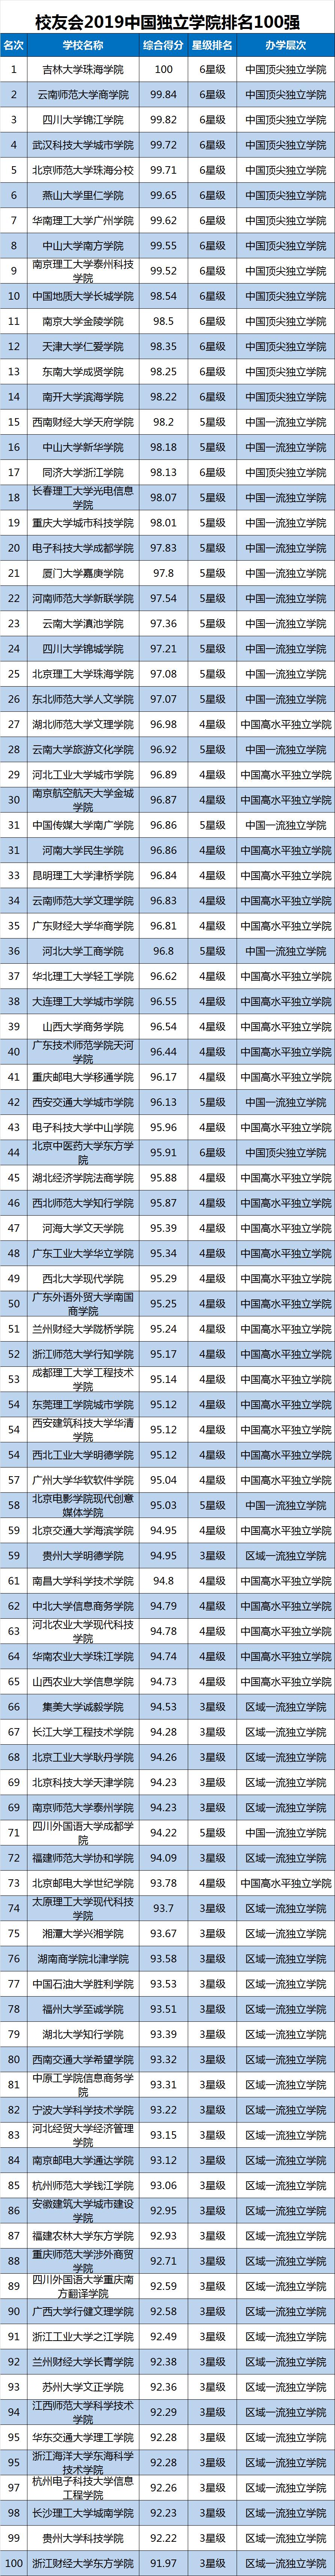 2019中国大学排行榜单最新发布,转给高考生!插图15